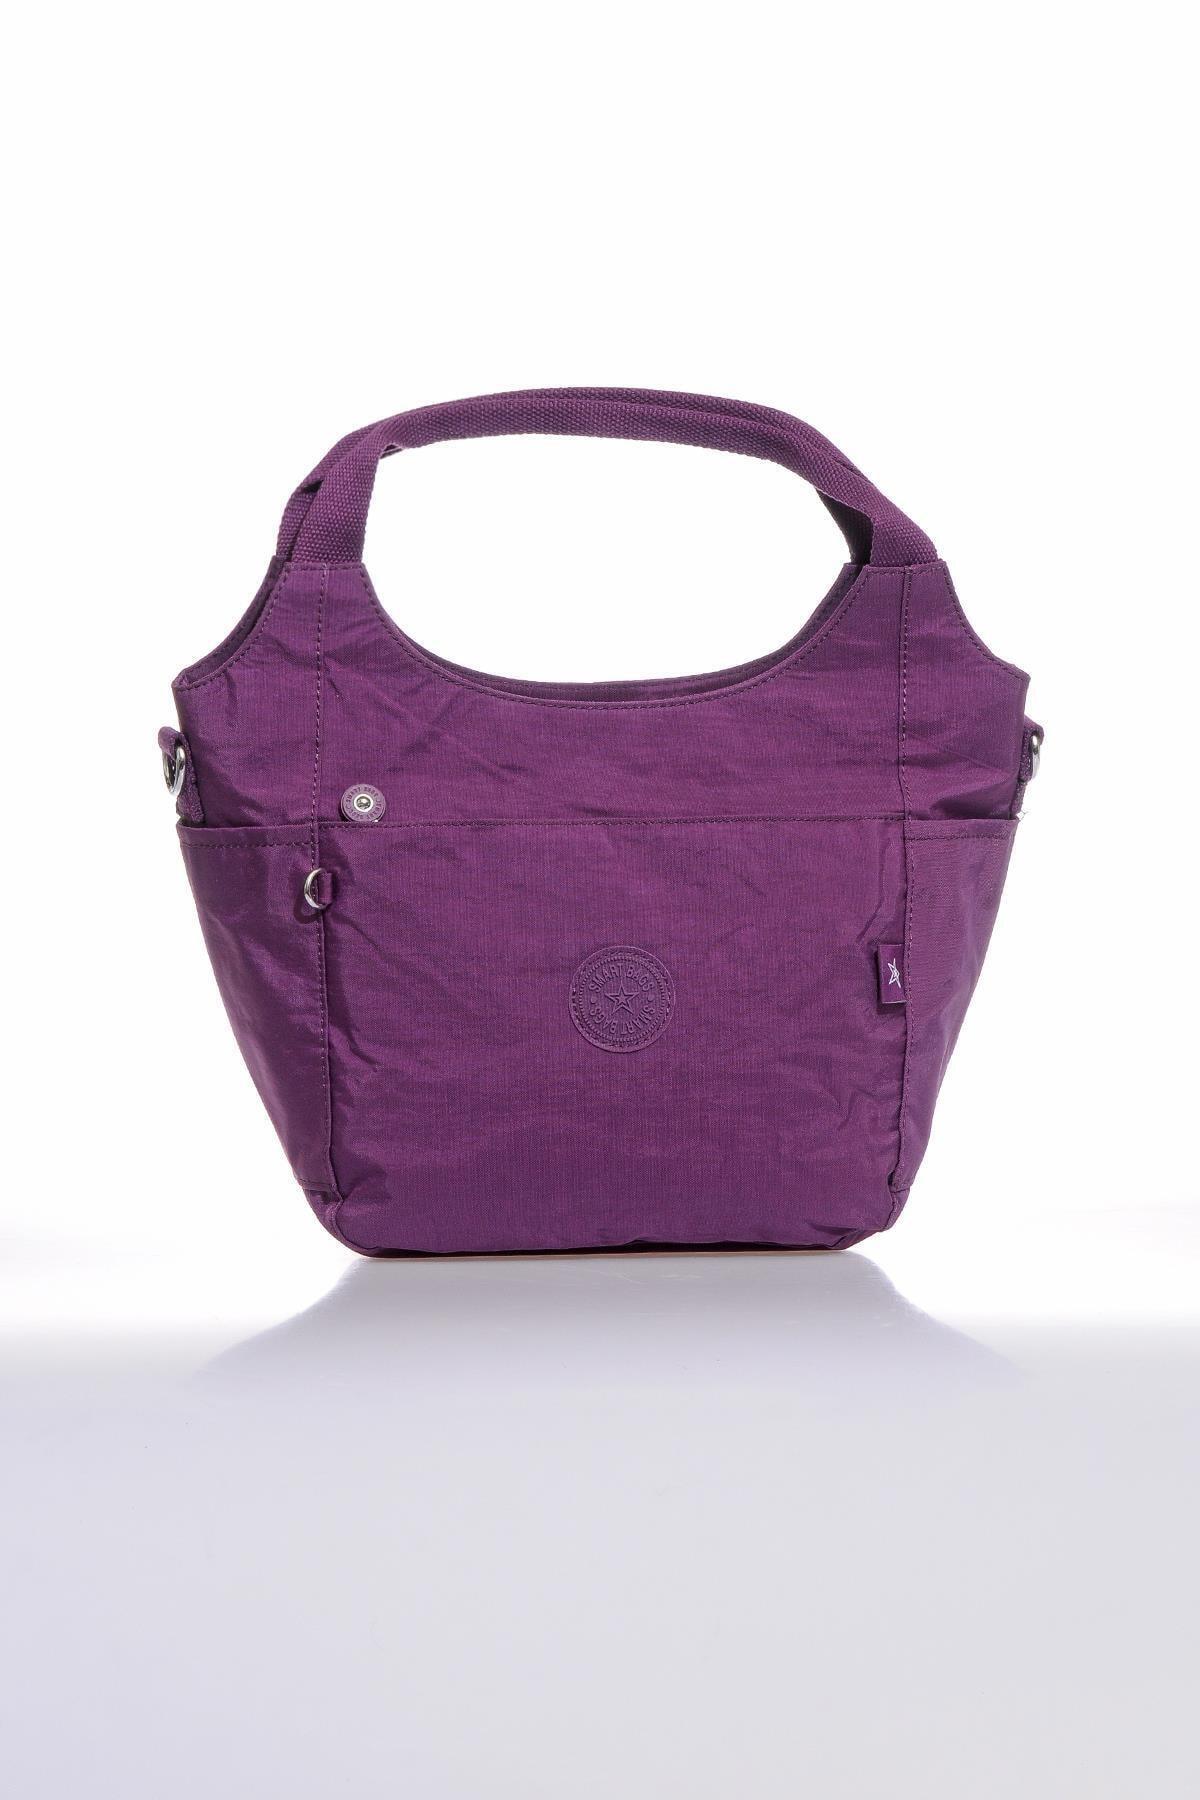 SMART BAGS Smb3079-0027 Mor Kadın Omuz Çantası 1